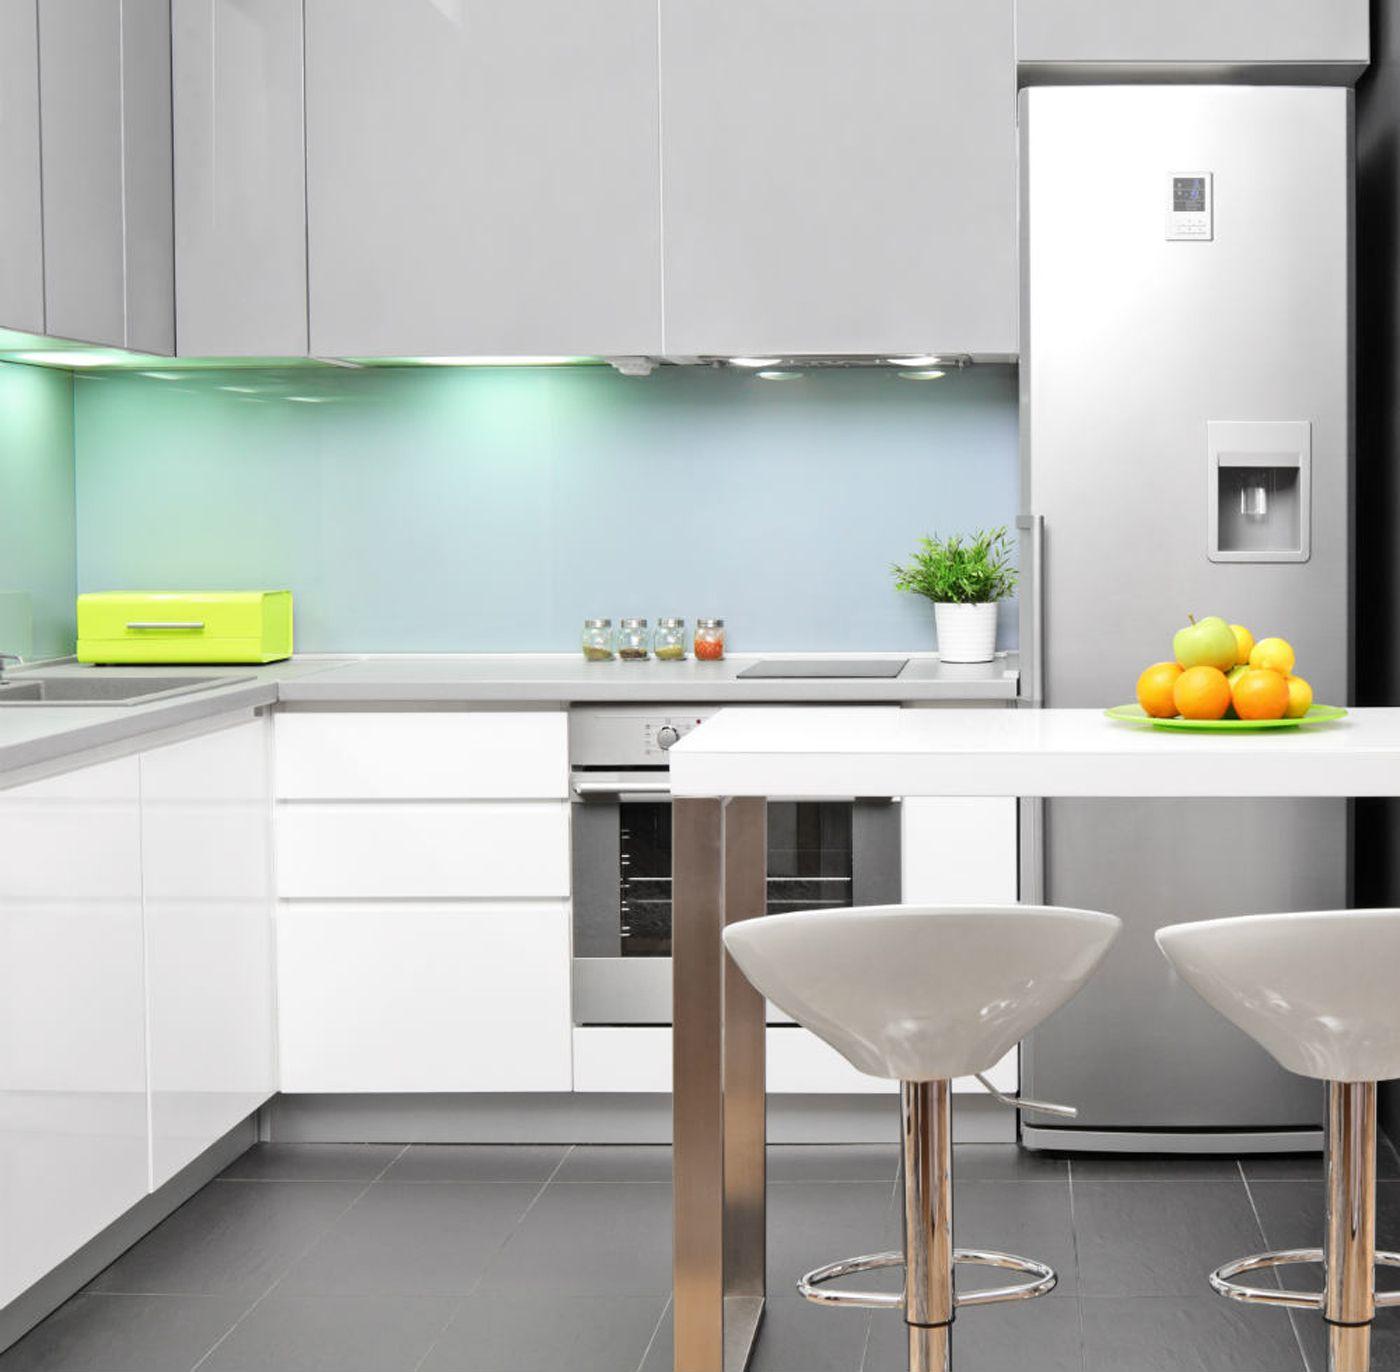 7 ideas c mo iluminar una cocina con led - Focos led cocina ...